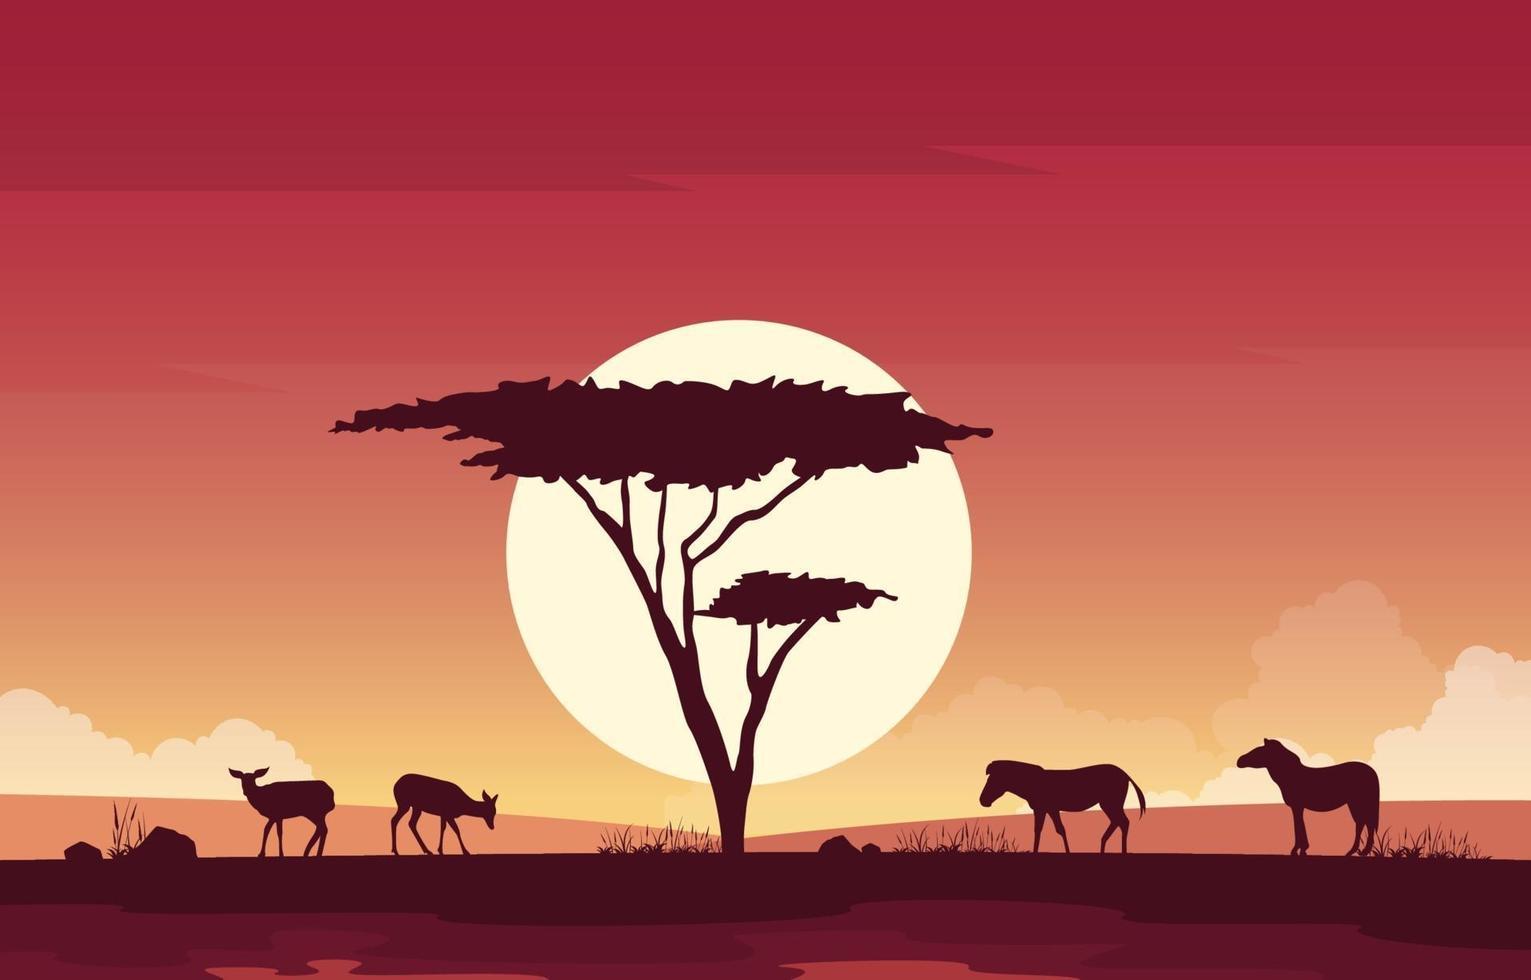 cervi e zebre nell & # 39; illustrazione del paesaggio della savana africana vettore